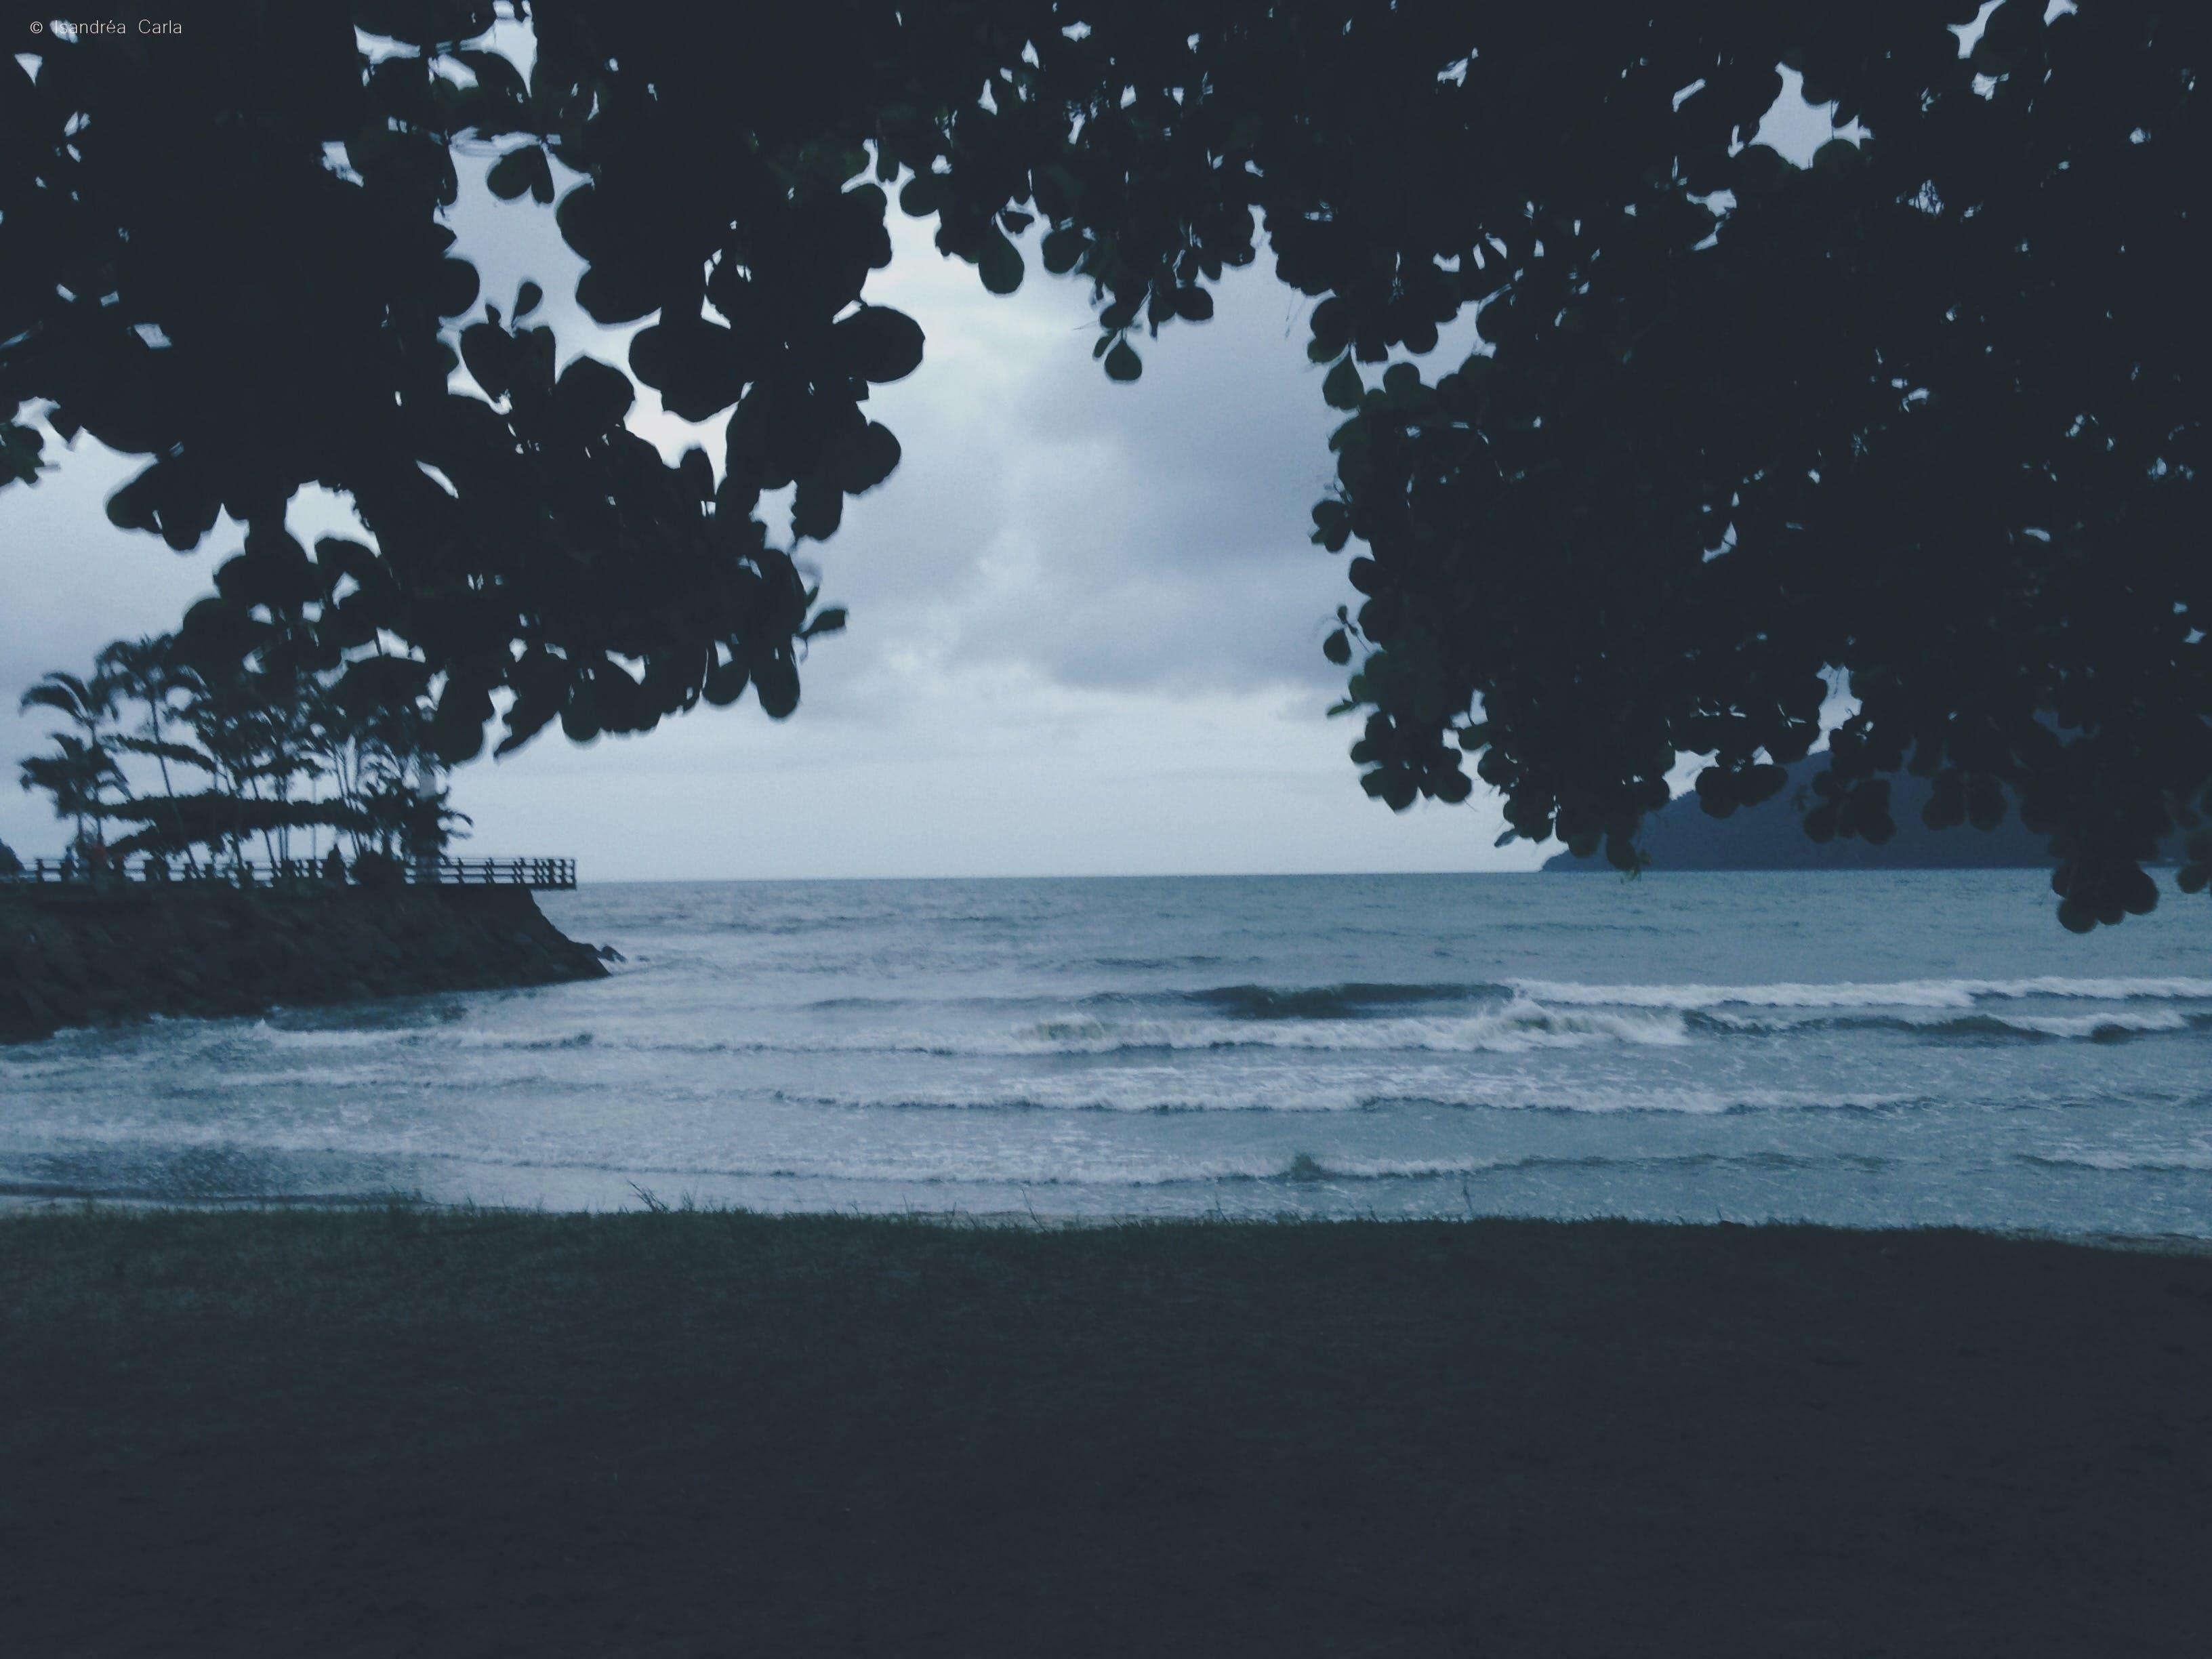 Δωρεάν στοκ φωτογραφιών με #mobilechallenge, #outdoorchallenge, #θάλασσα, #κύμα